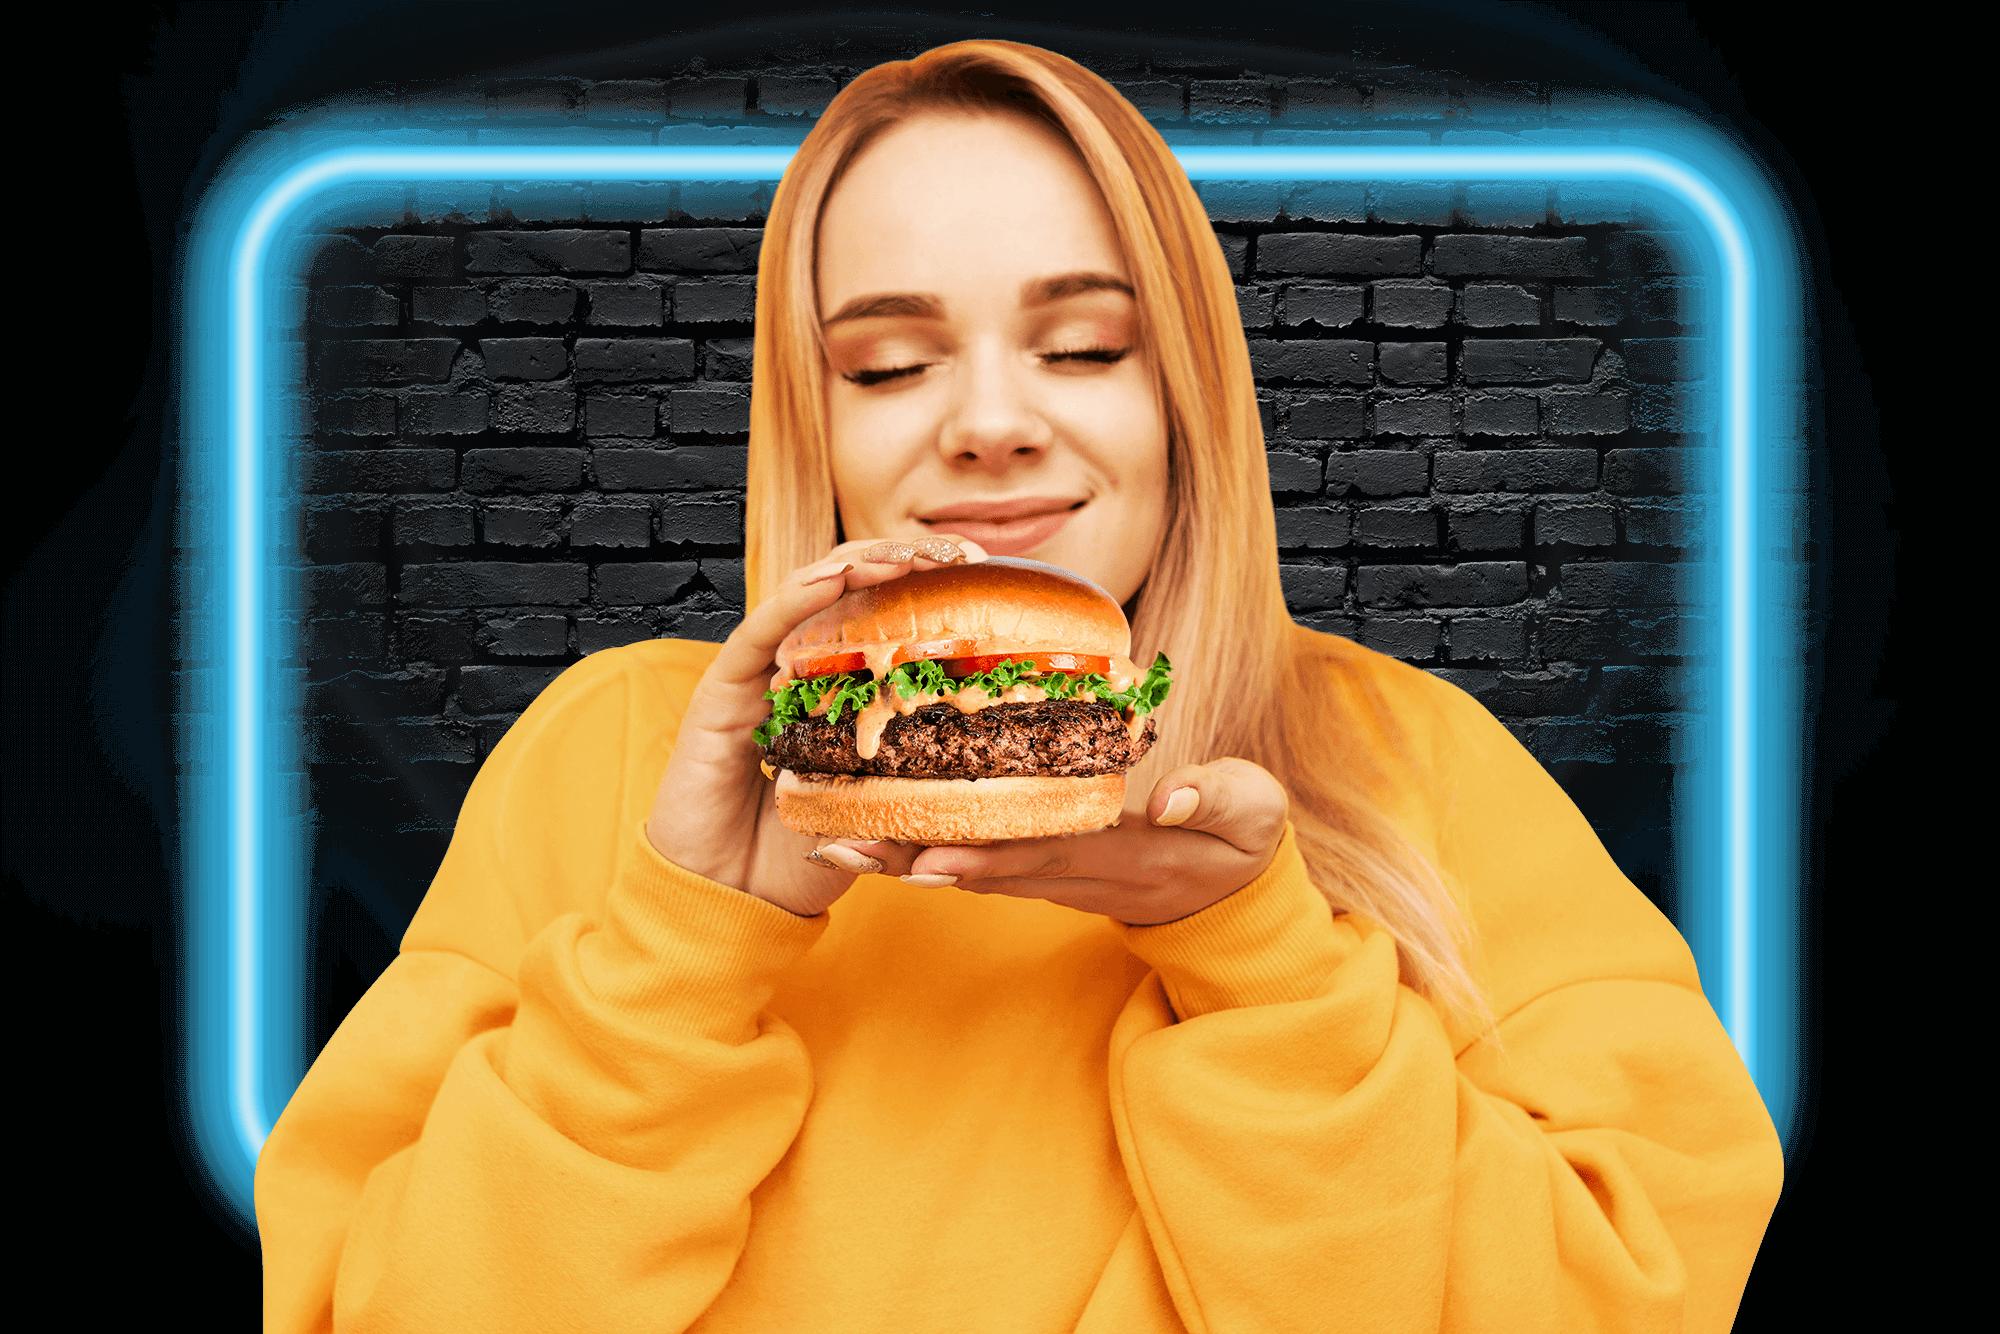 Crave Burger Happy Client